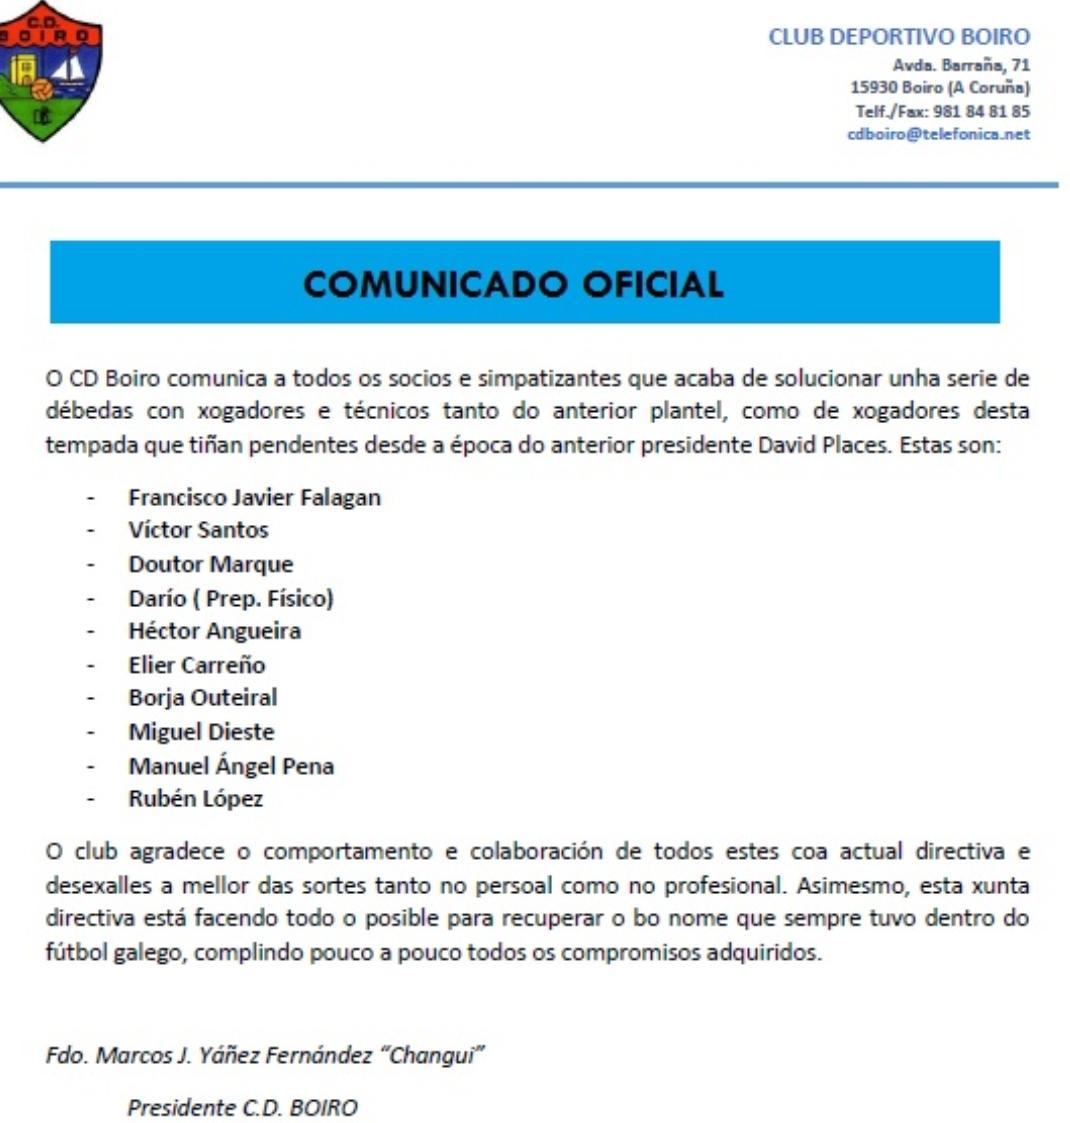 O C.D.BOIRO COMUNICA A TODOS OS SOCIOS E SIMPATIZANTES.